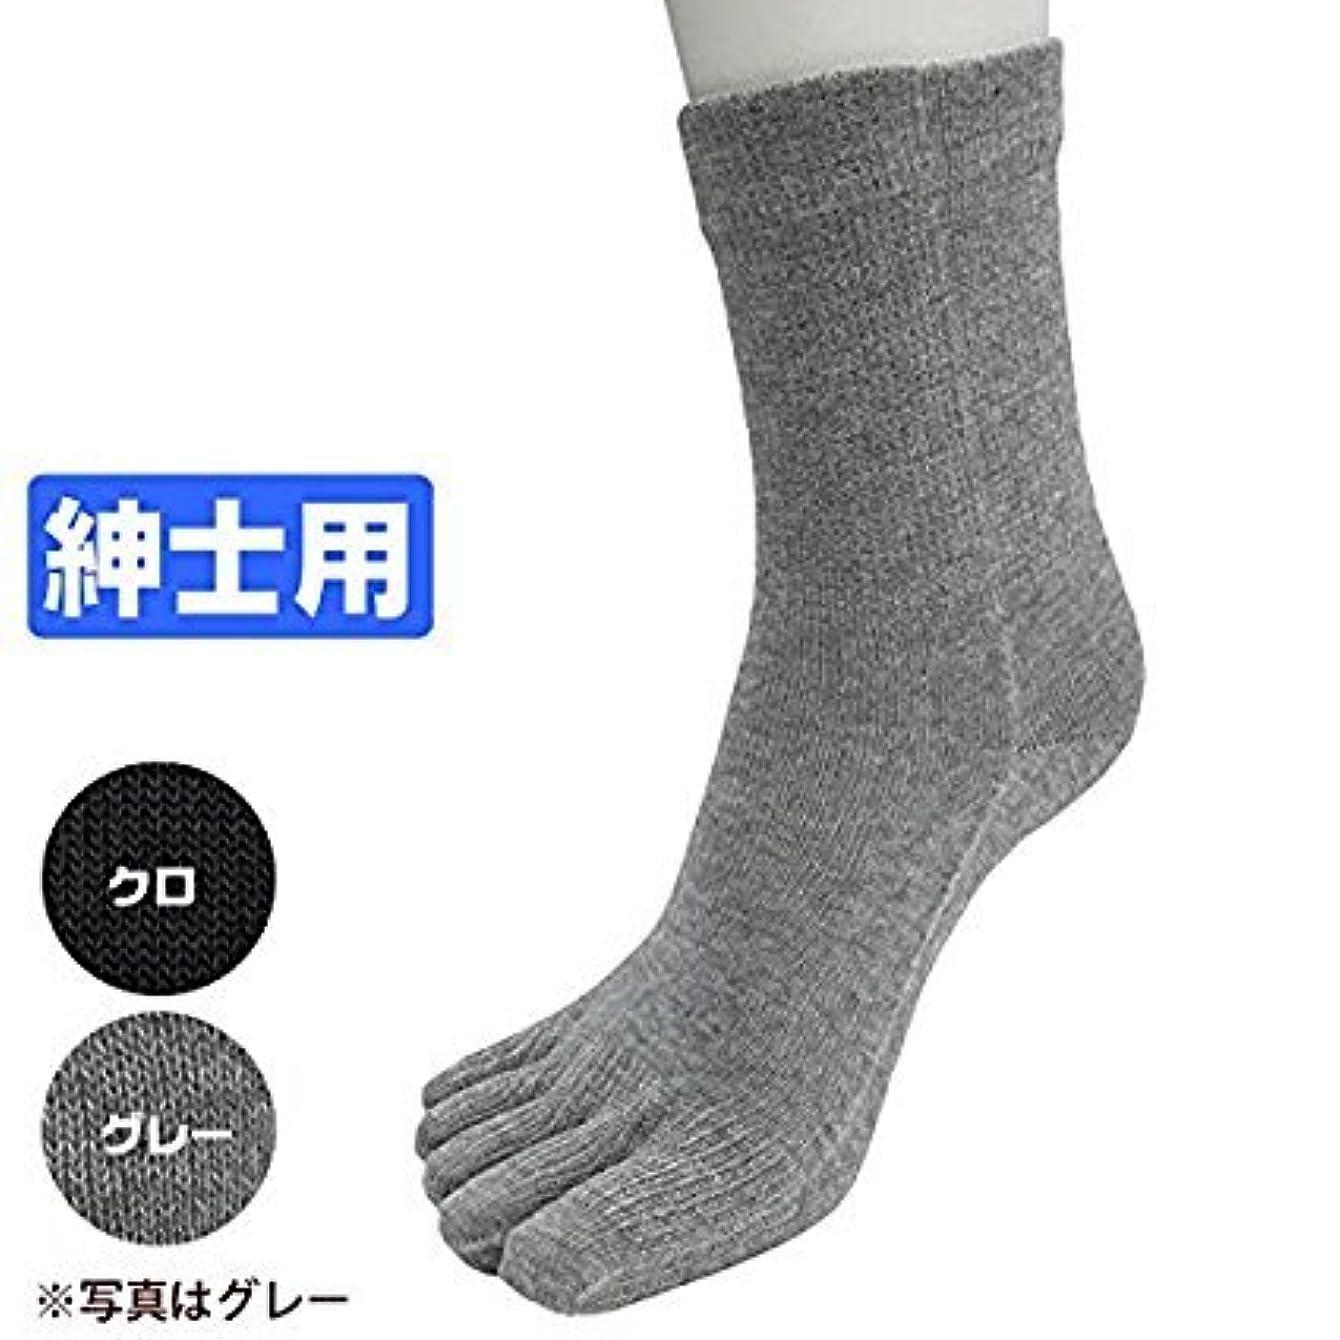 区別無傷サージひだまり 5本指ソックス 紳士用 靴下[24~26cm]オールシーズンタイプ (グレー)